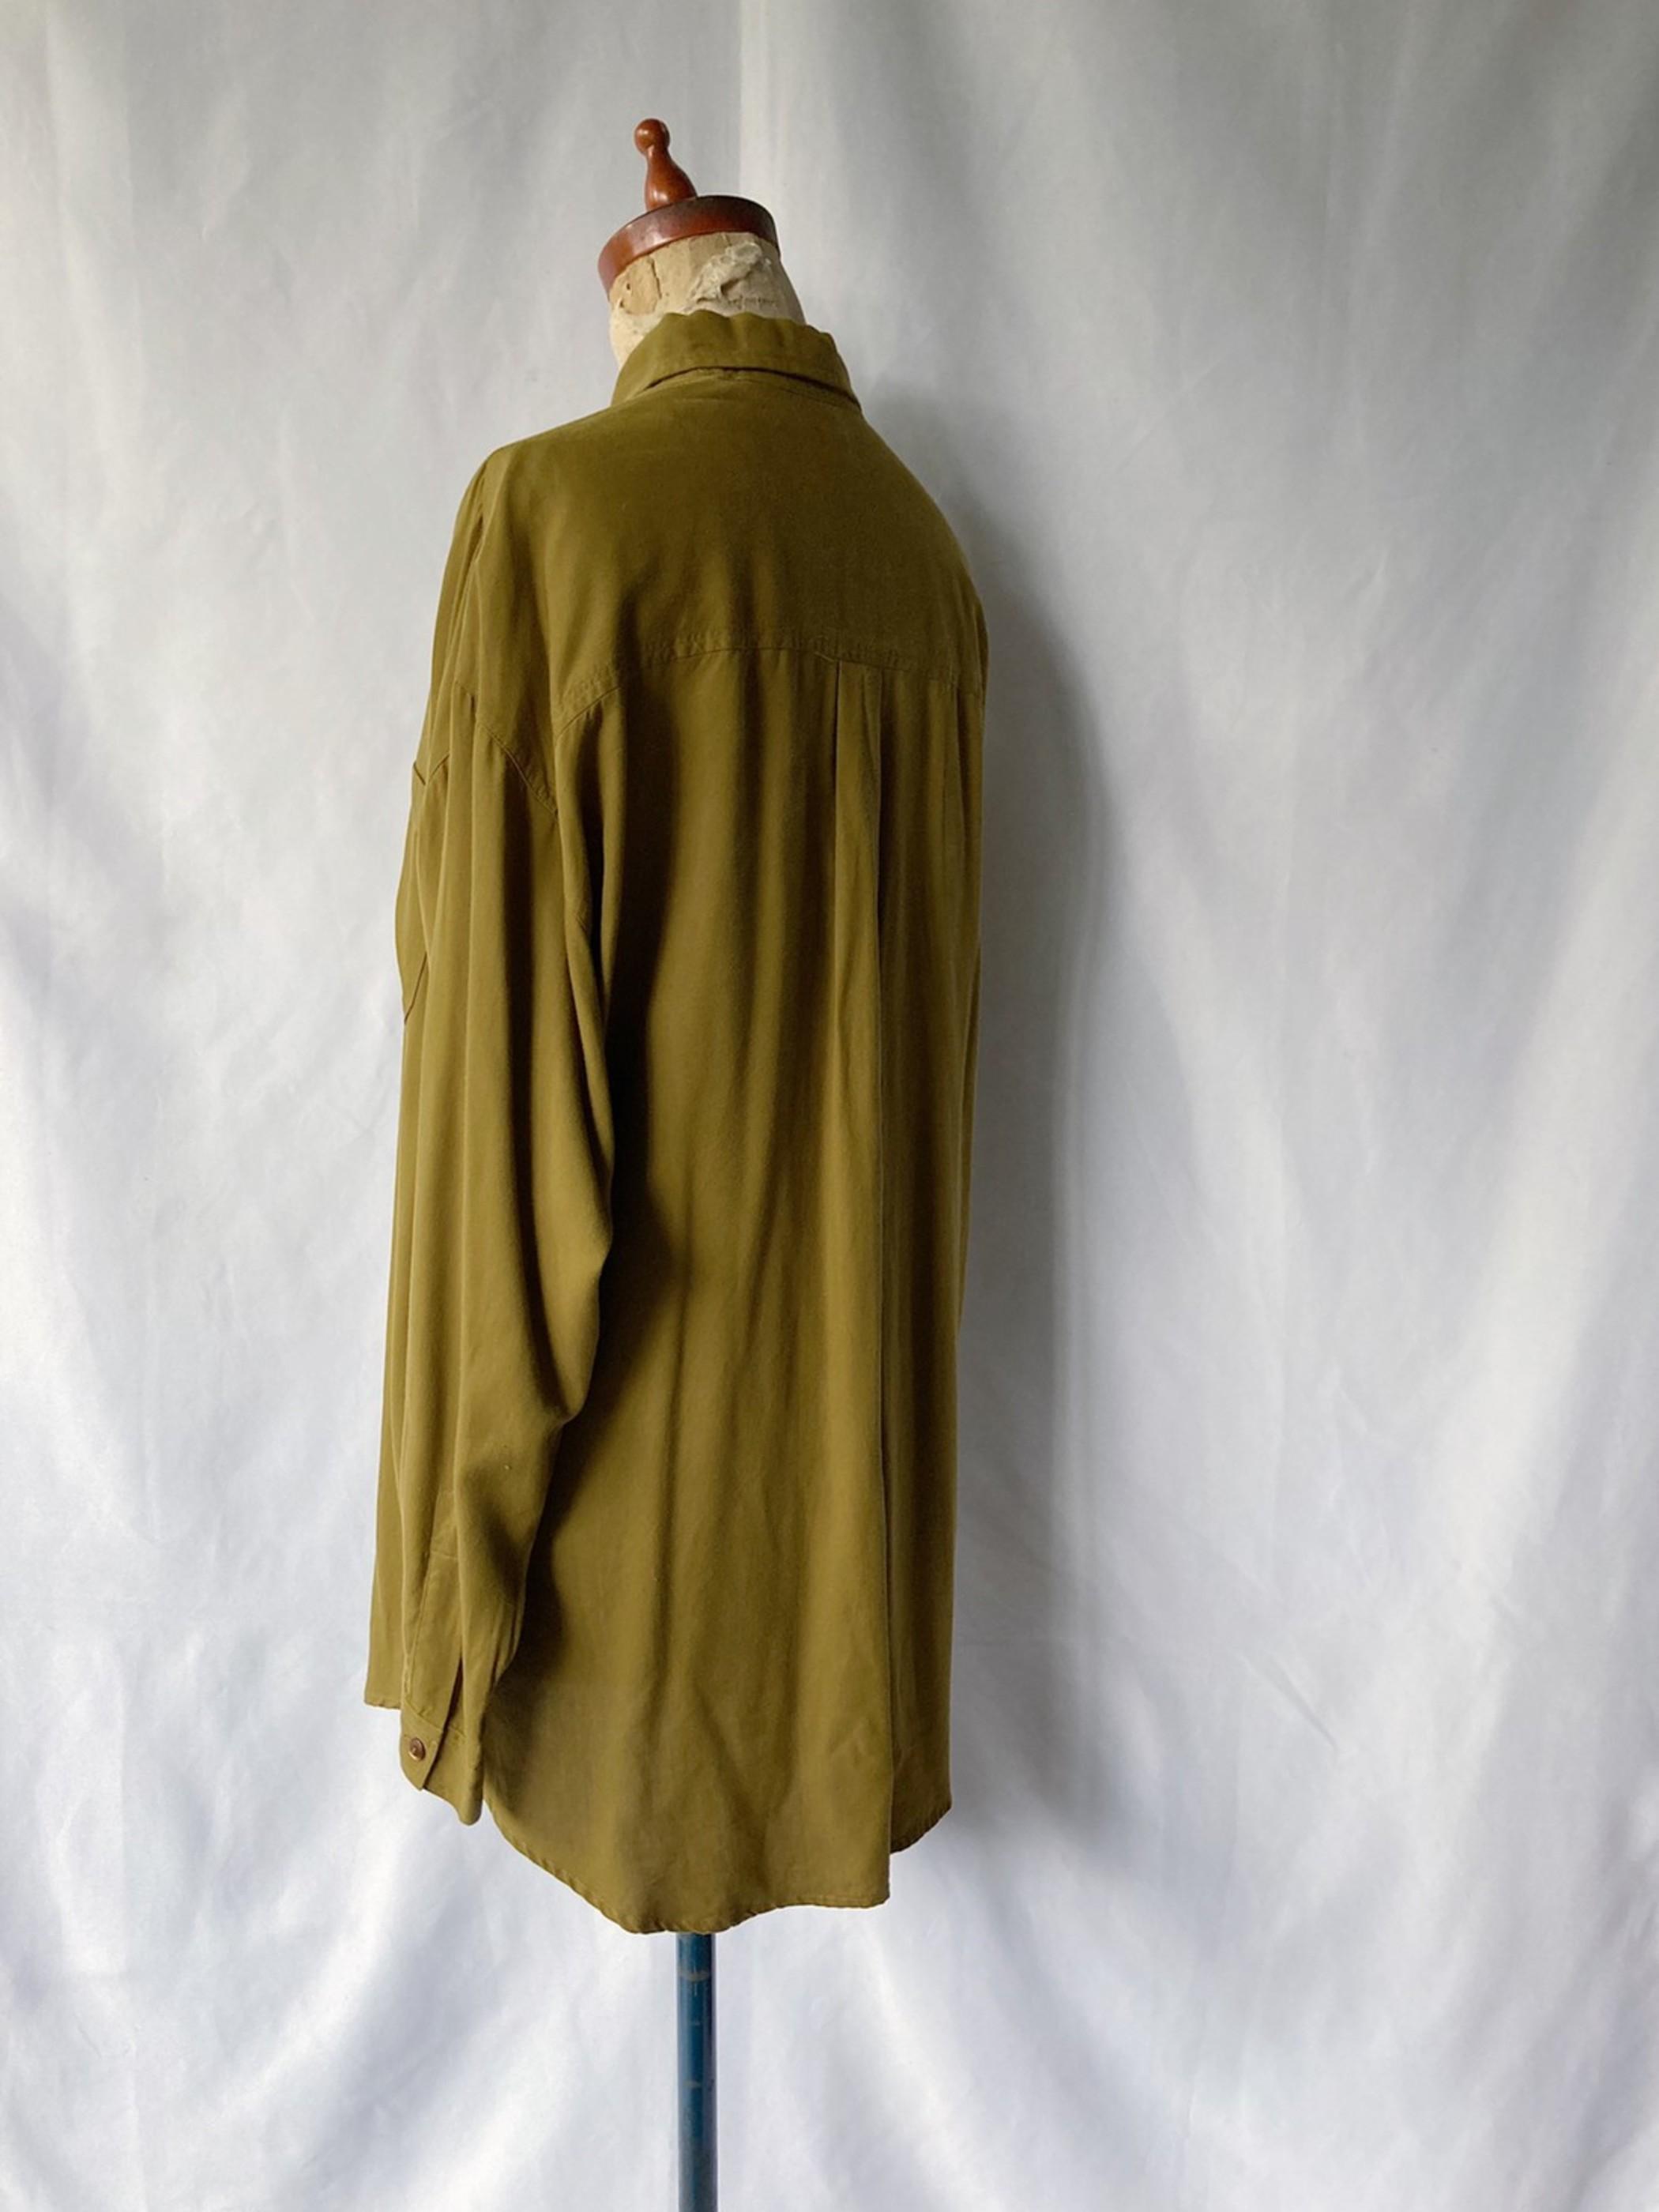 GAP rayon shirt